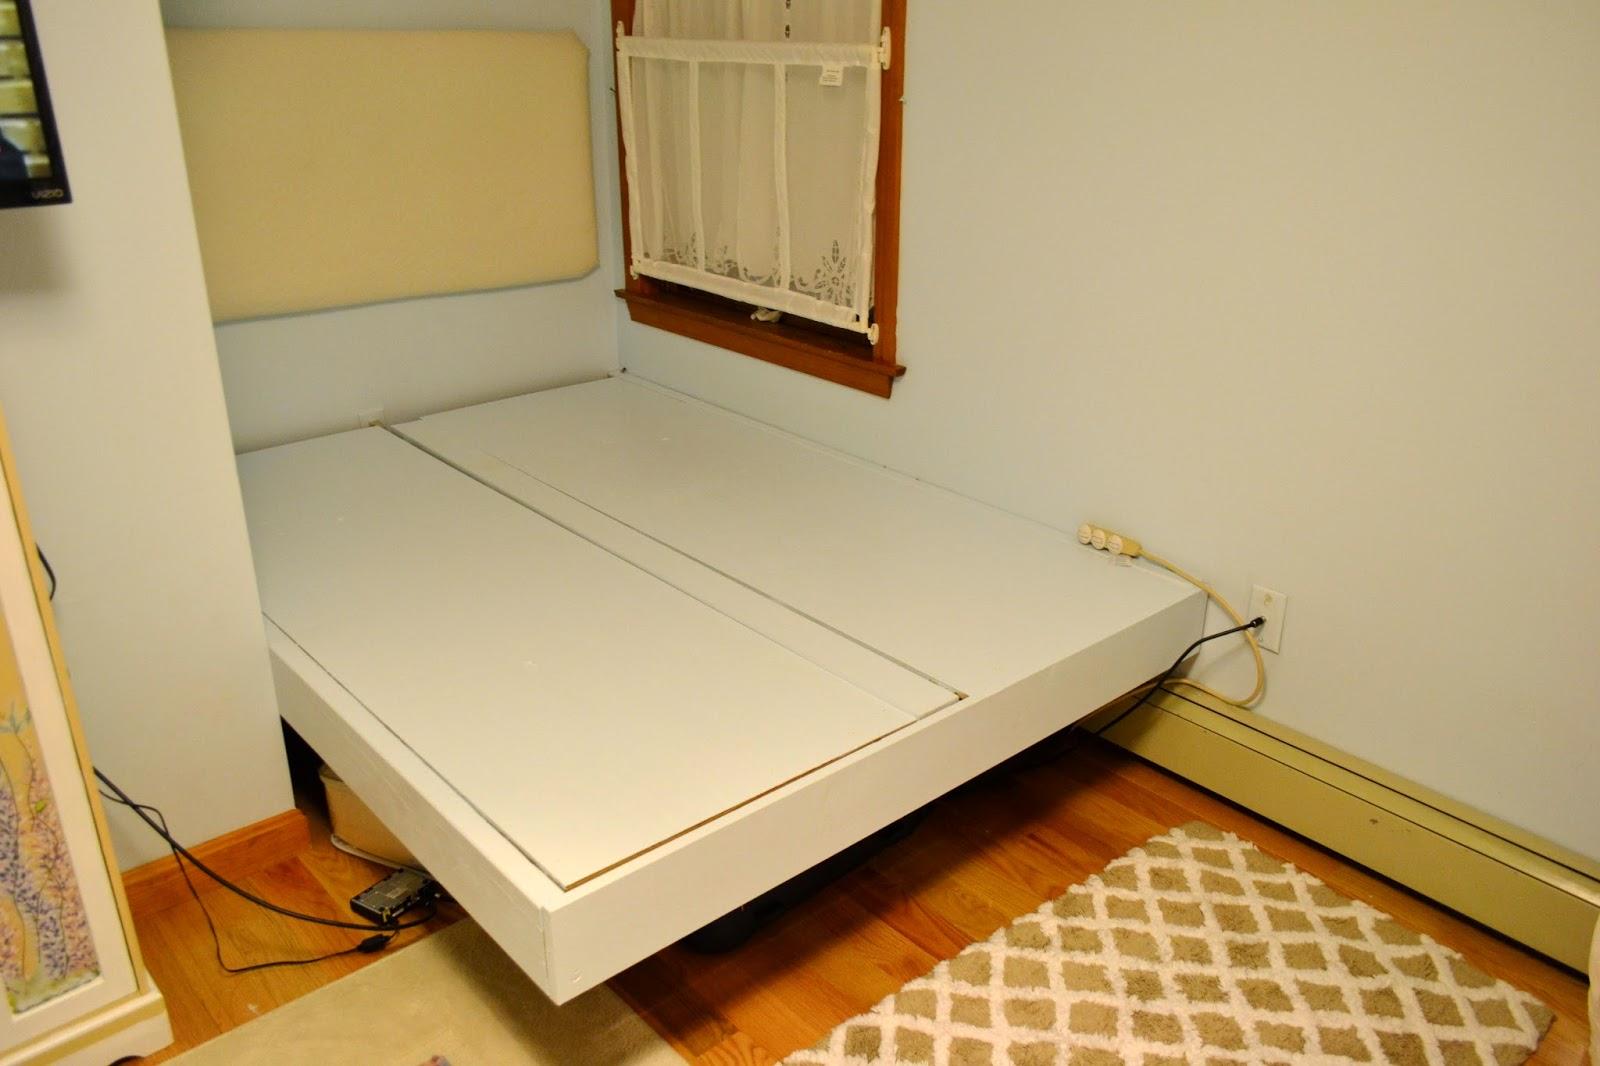 CK and Nate header: DIY Floating Platform Bed